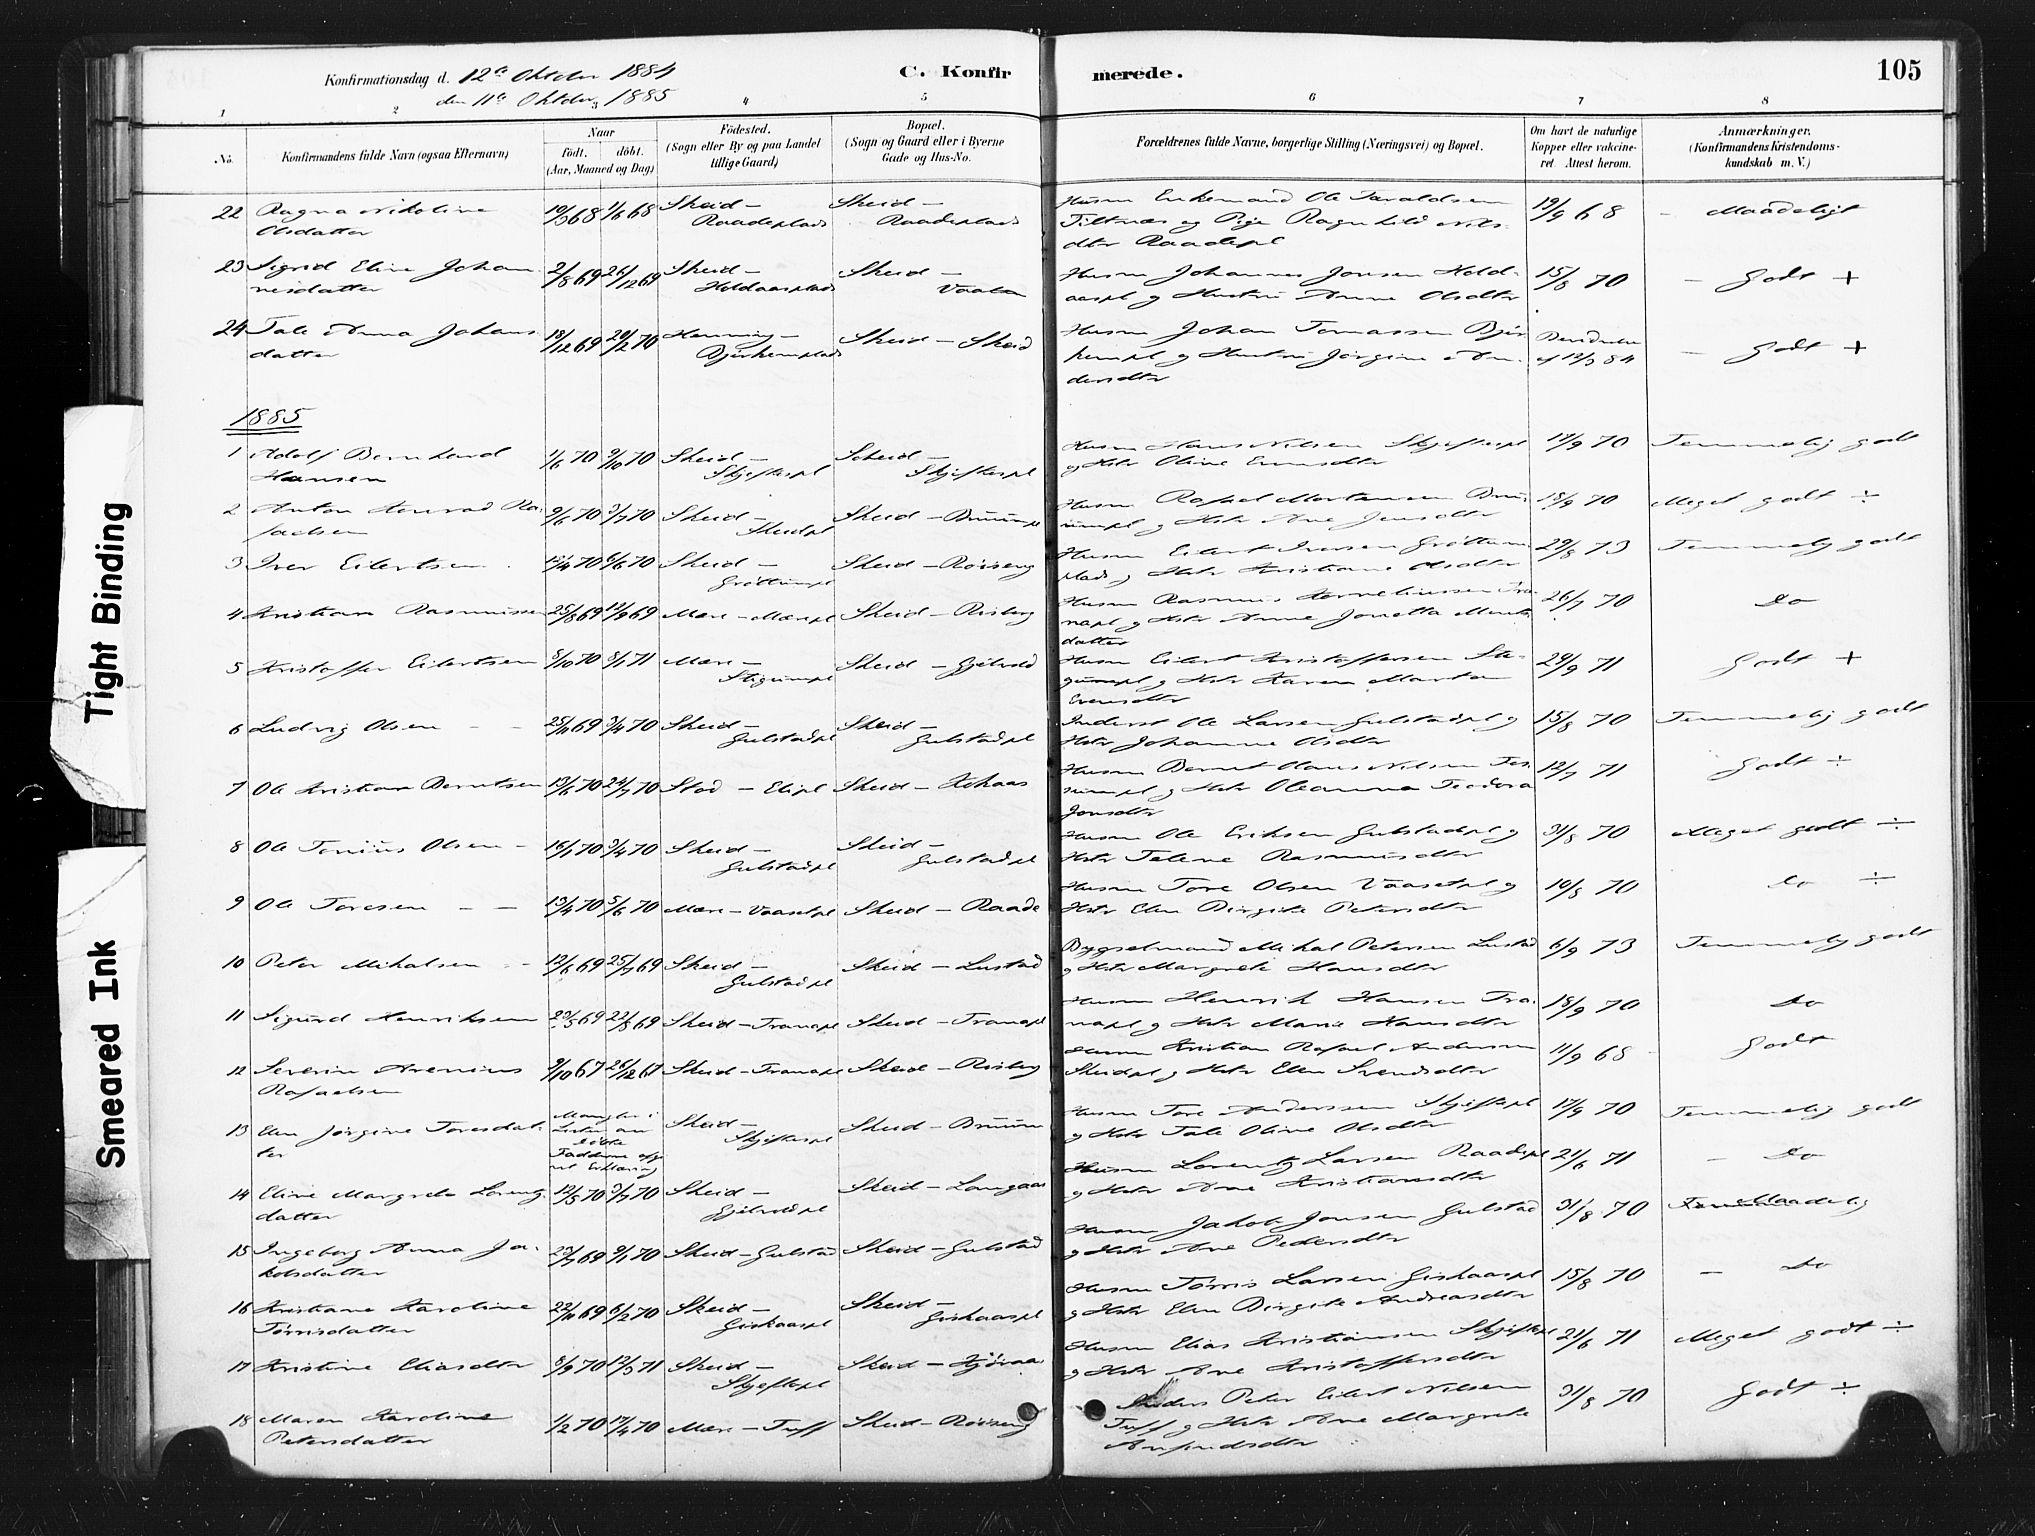 SAT, Ministerialprotokoller, klokkerbøker og fødselsregistre - Nord-Trøndelag, 736/L0361: Ministerialbok nr. 736A01, 1884-1906, s. 105